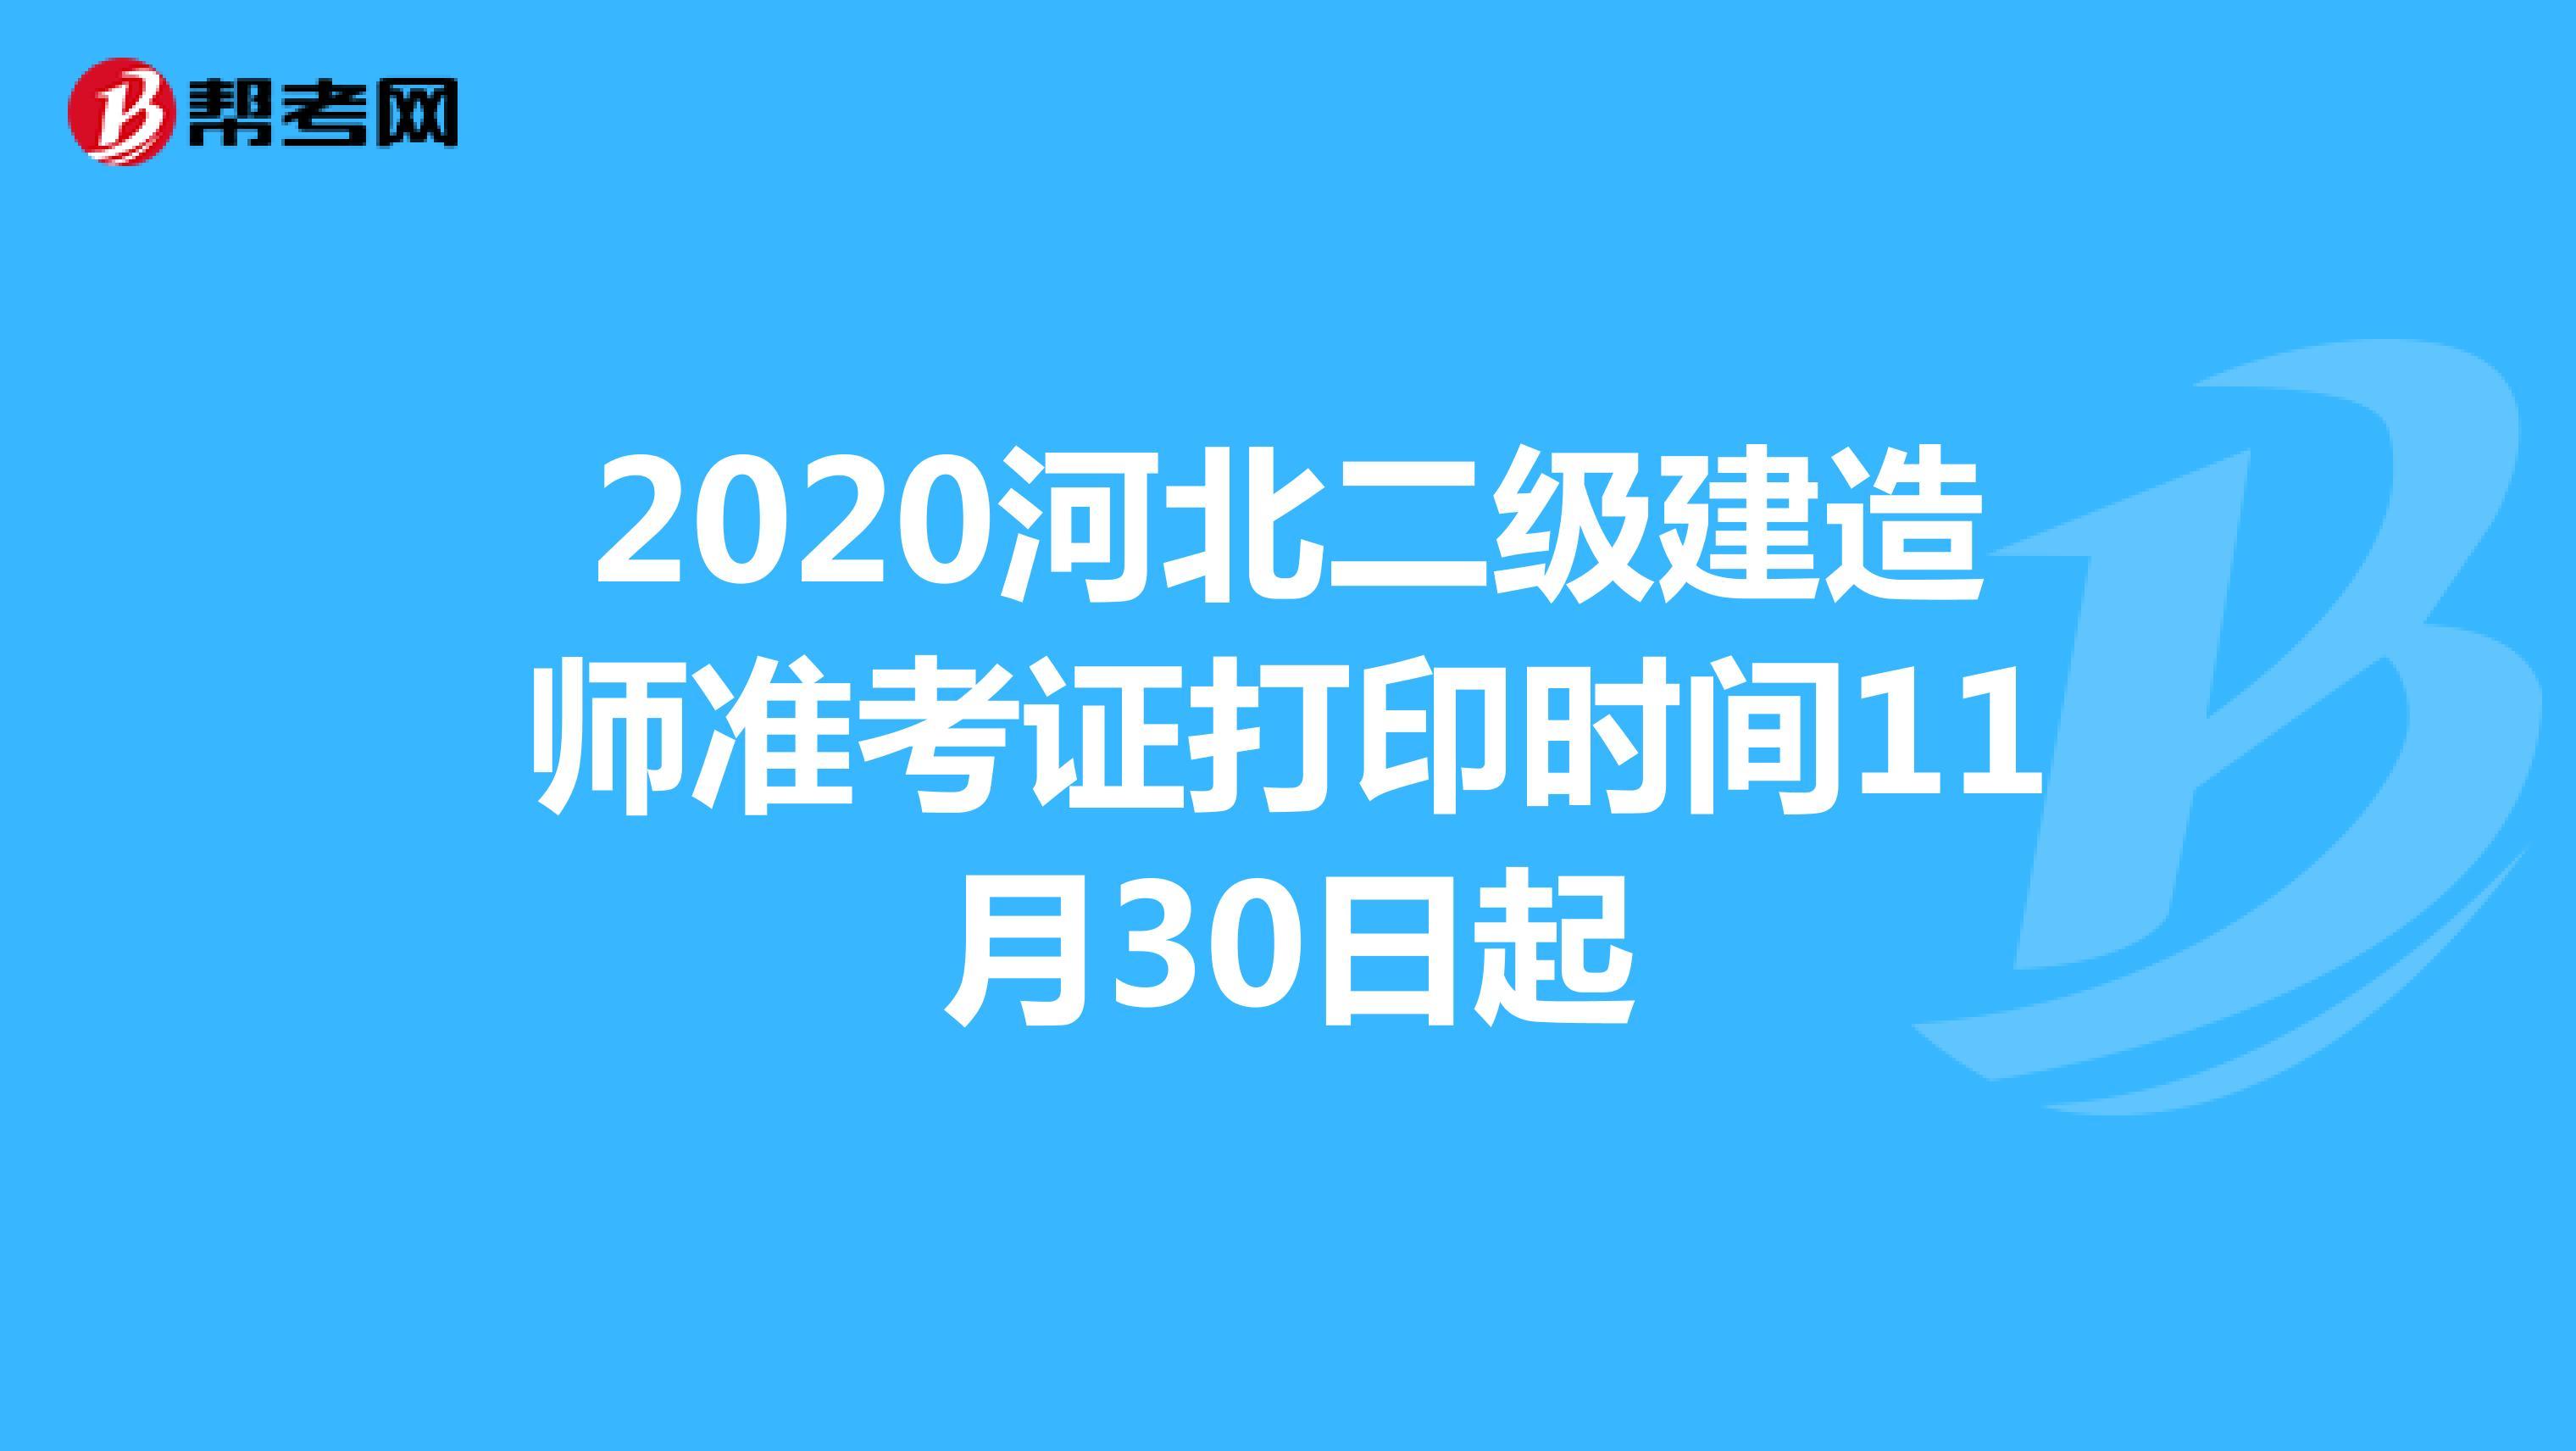 2020河北二級建造師準考證打印時間11月30日起